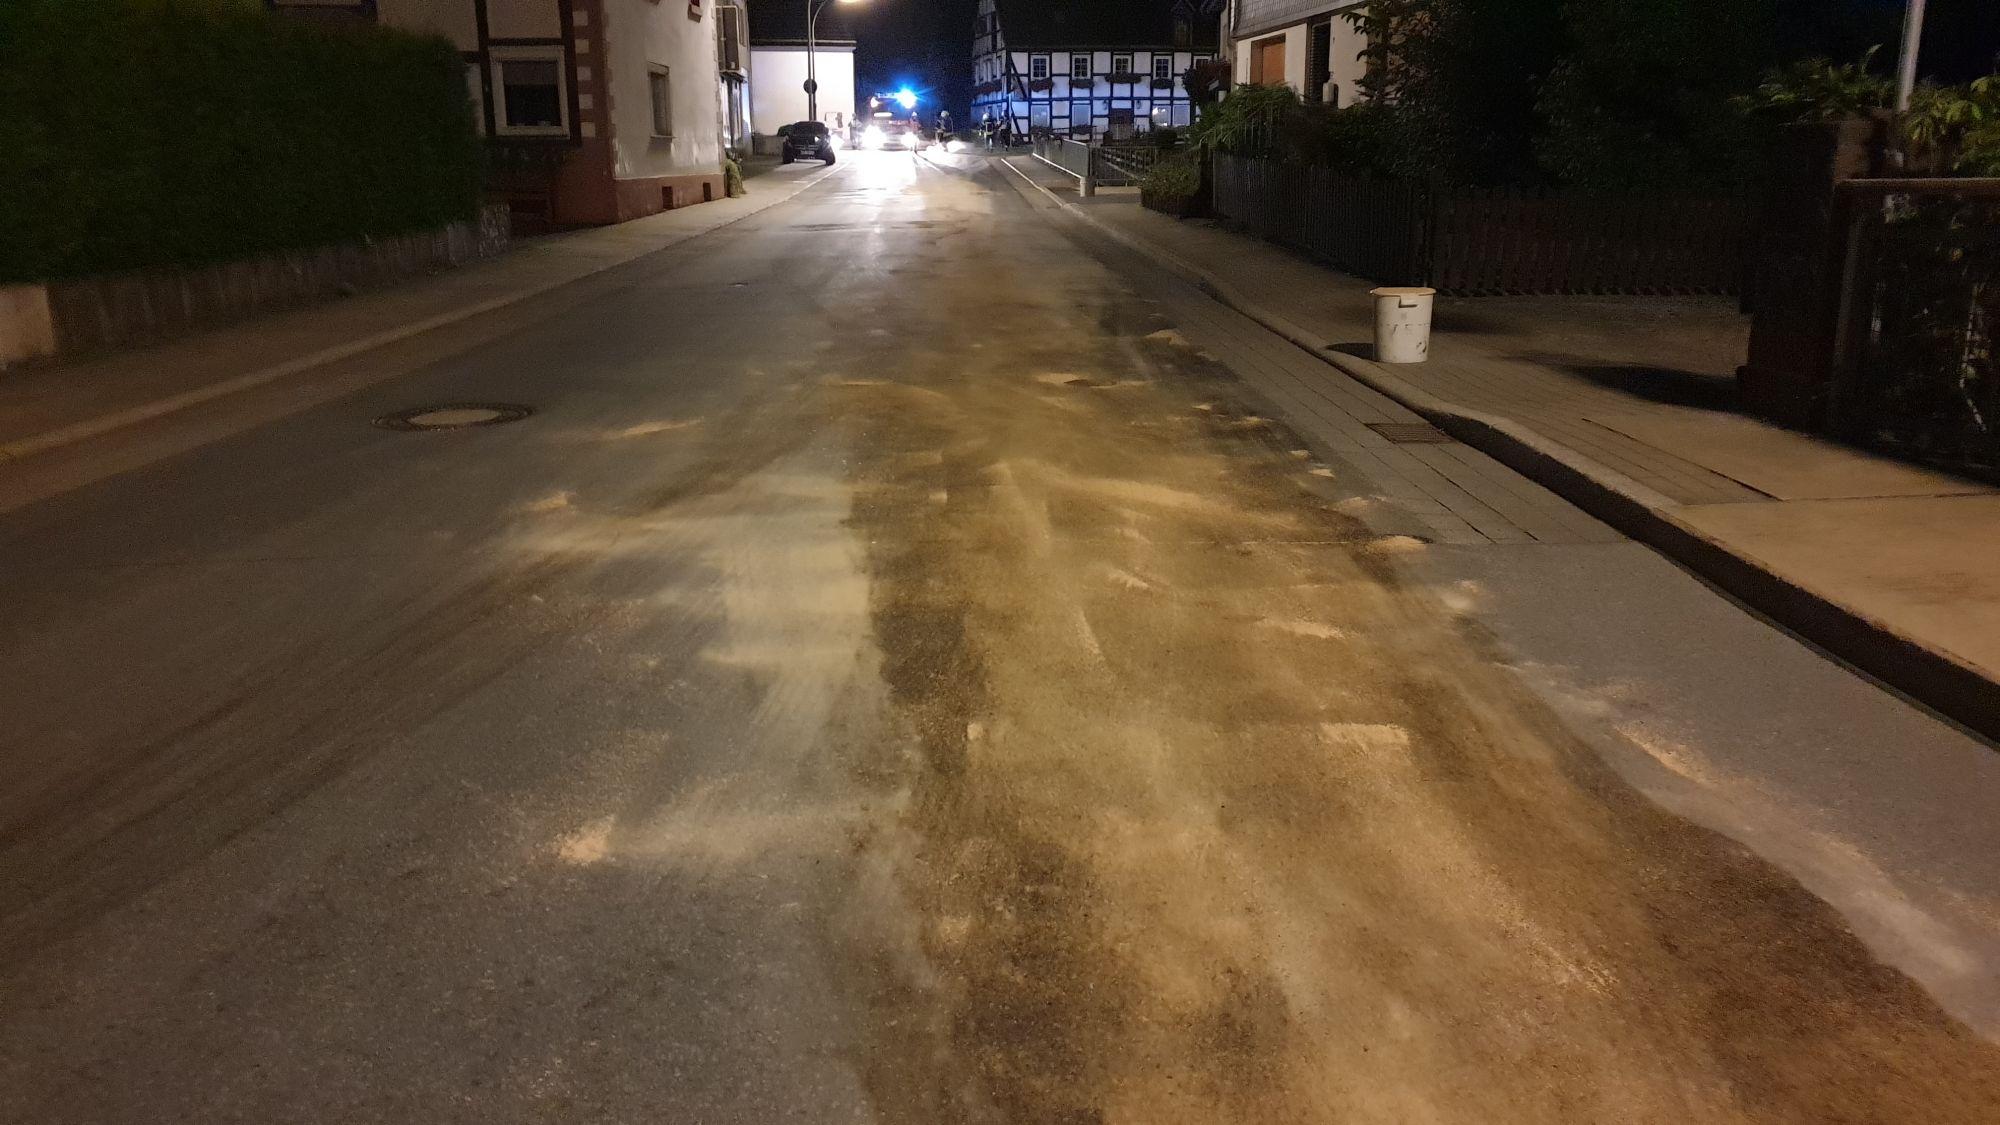 Stadt_Einsatzberichte_2019/Oelspur_Calle.jpg